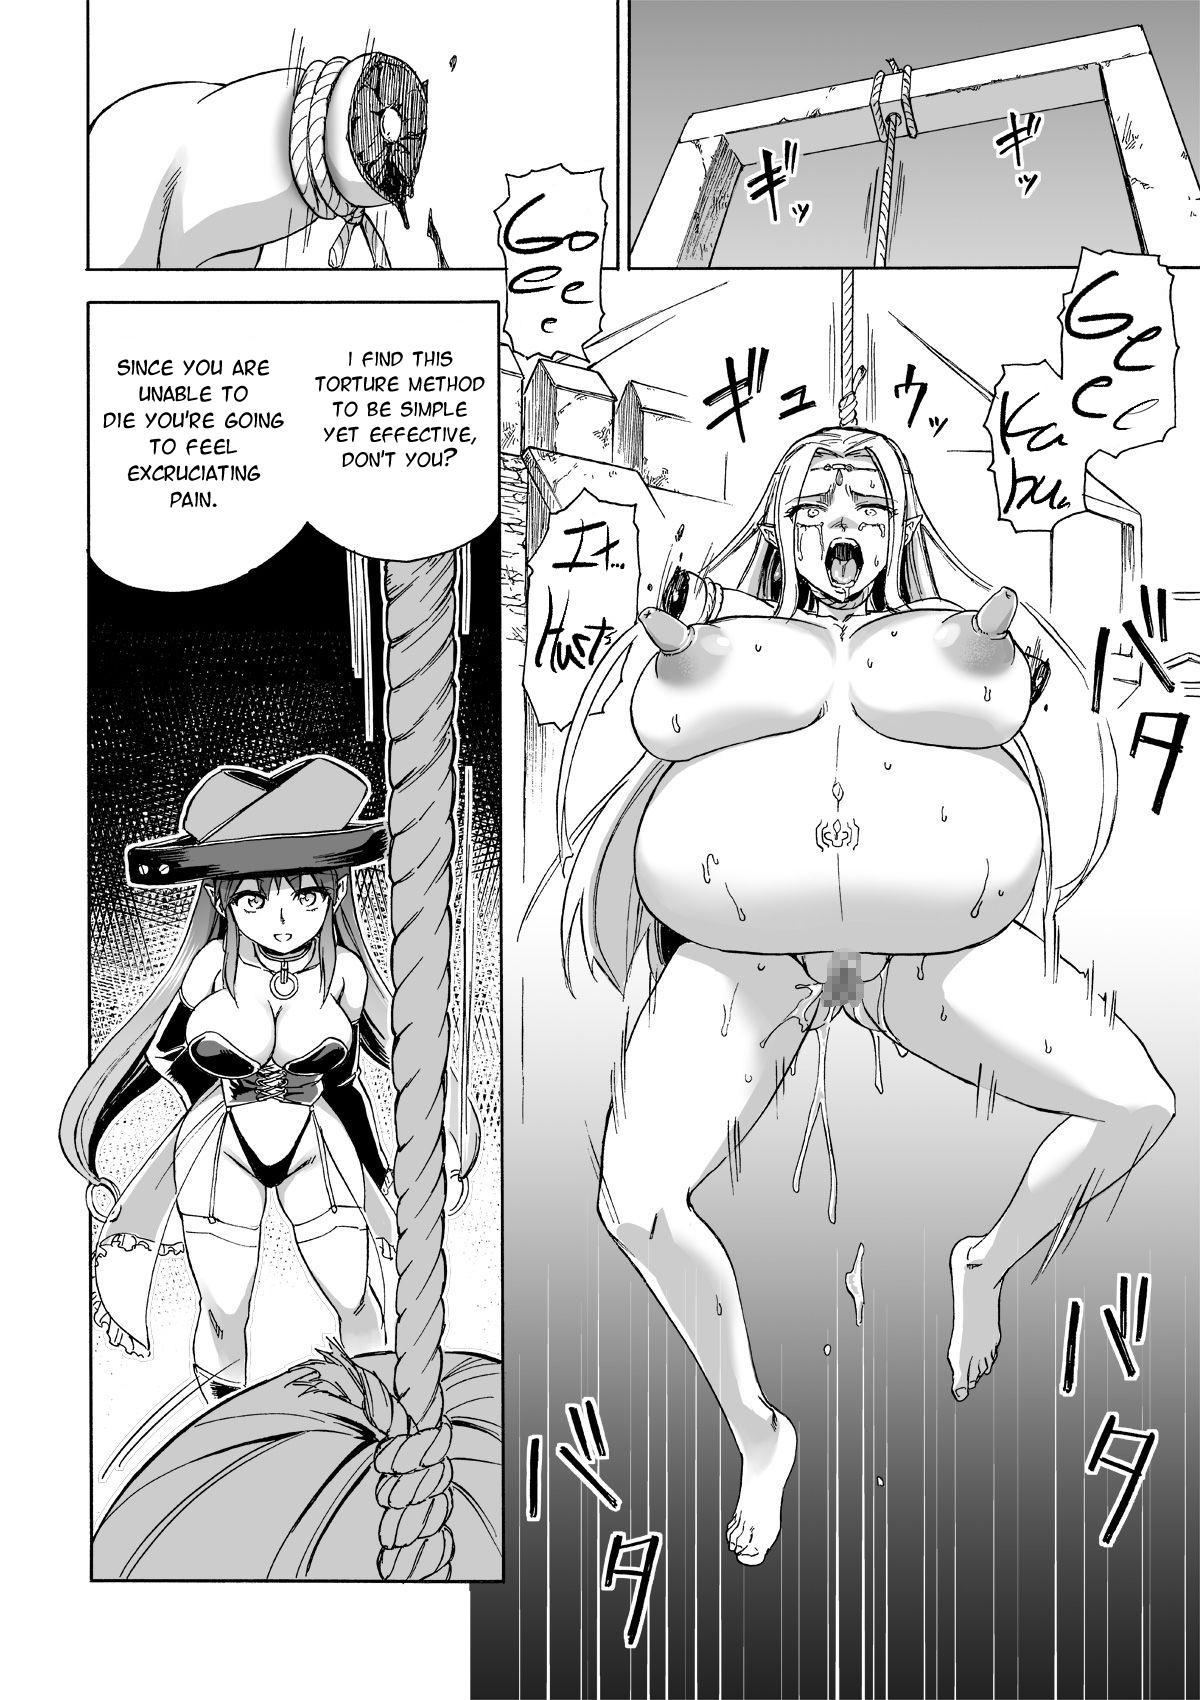 [Ido no Soko (Kei-kun)] Majo no Rakujitsu 2 -Kagyaku- | Witch's Final Hour 2 -Cruel Torture- [English] [Moko_T] 24